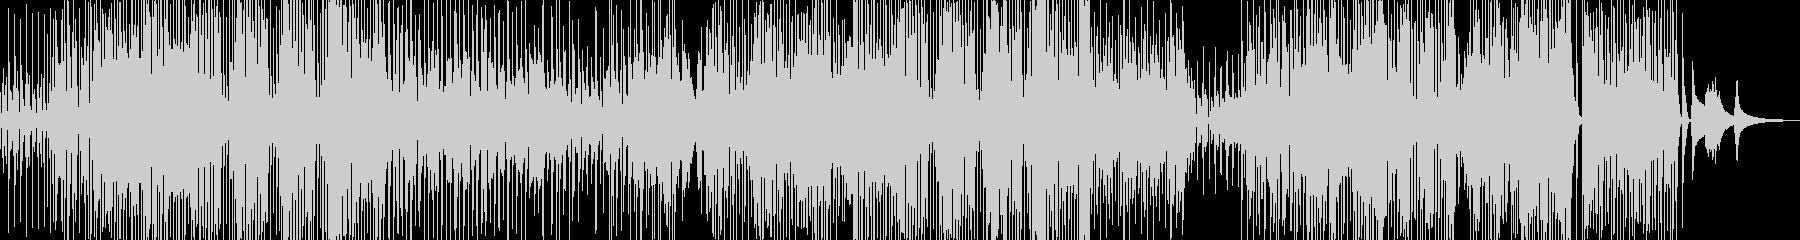 三味線・軽快ユーモラスなジャズの未再生の波形